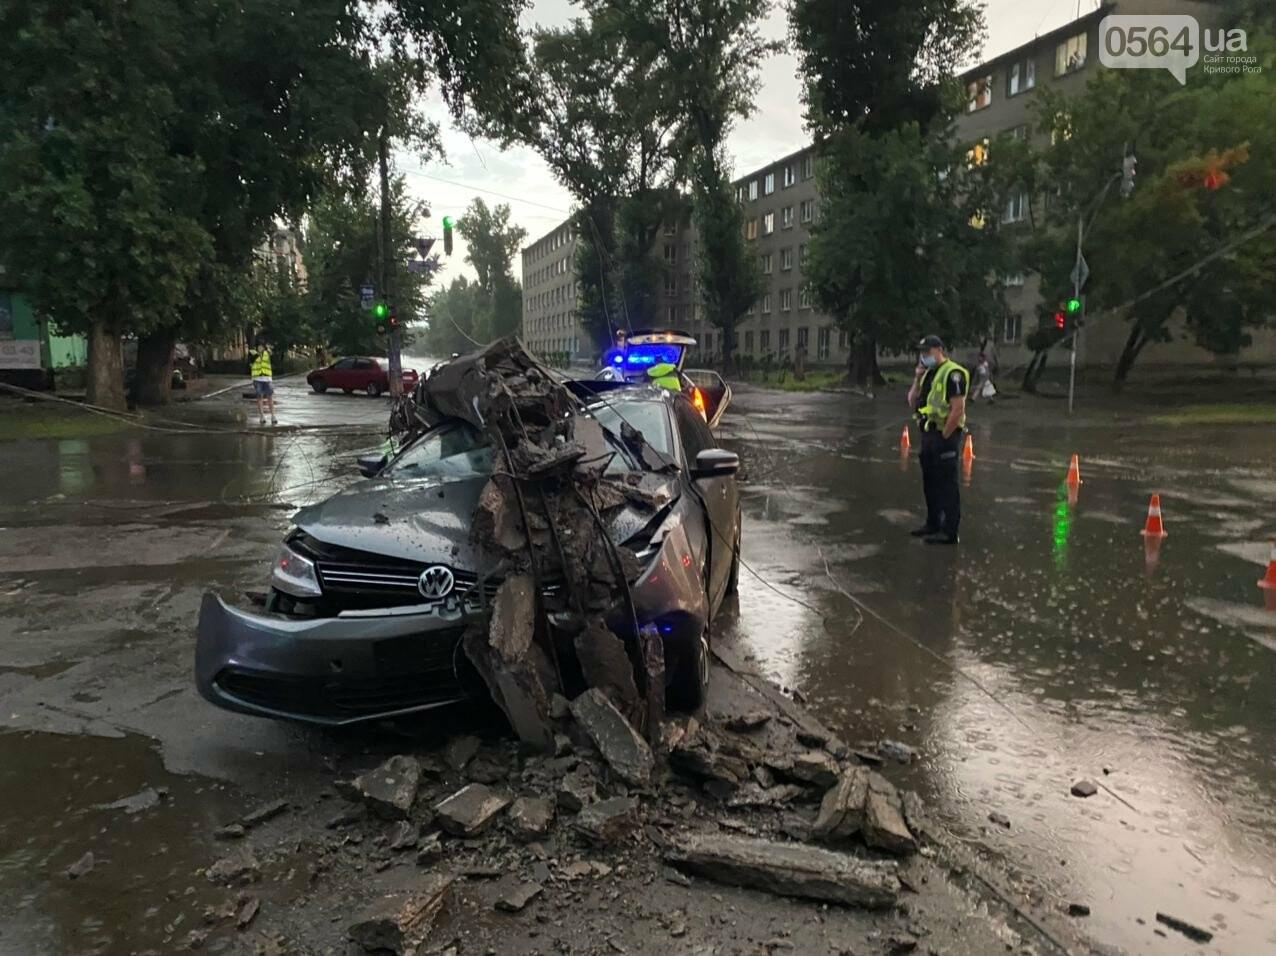 Во время дождя в Кривом Роге Volkswagen снес столб, - ФОТО, фото-3